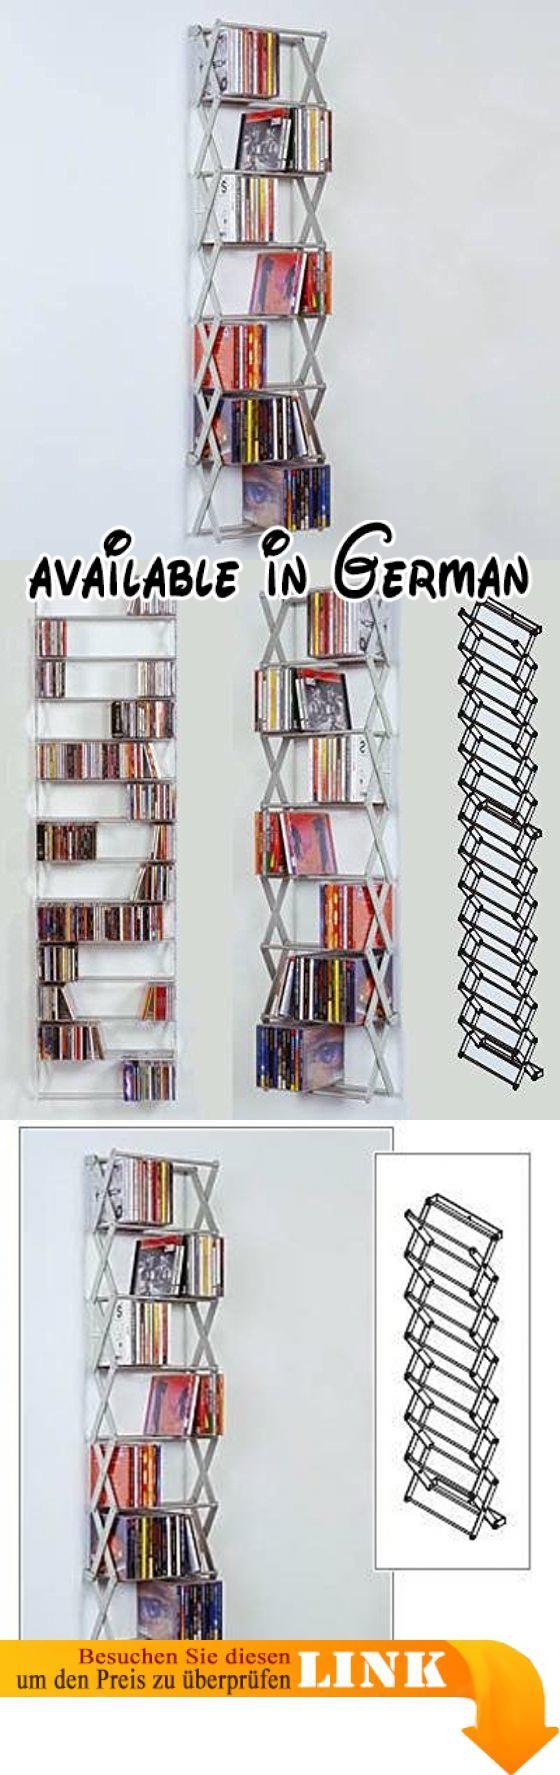 Innenarchitektur wohnzimmer grundrisse bnfkje  stretch cdregal hs für ca  cds  möbel